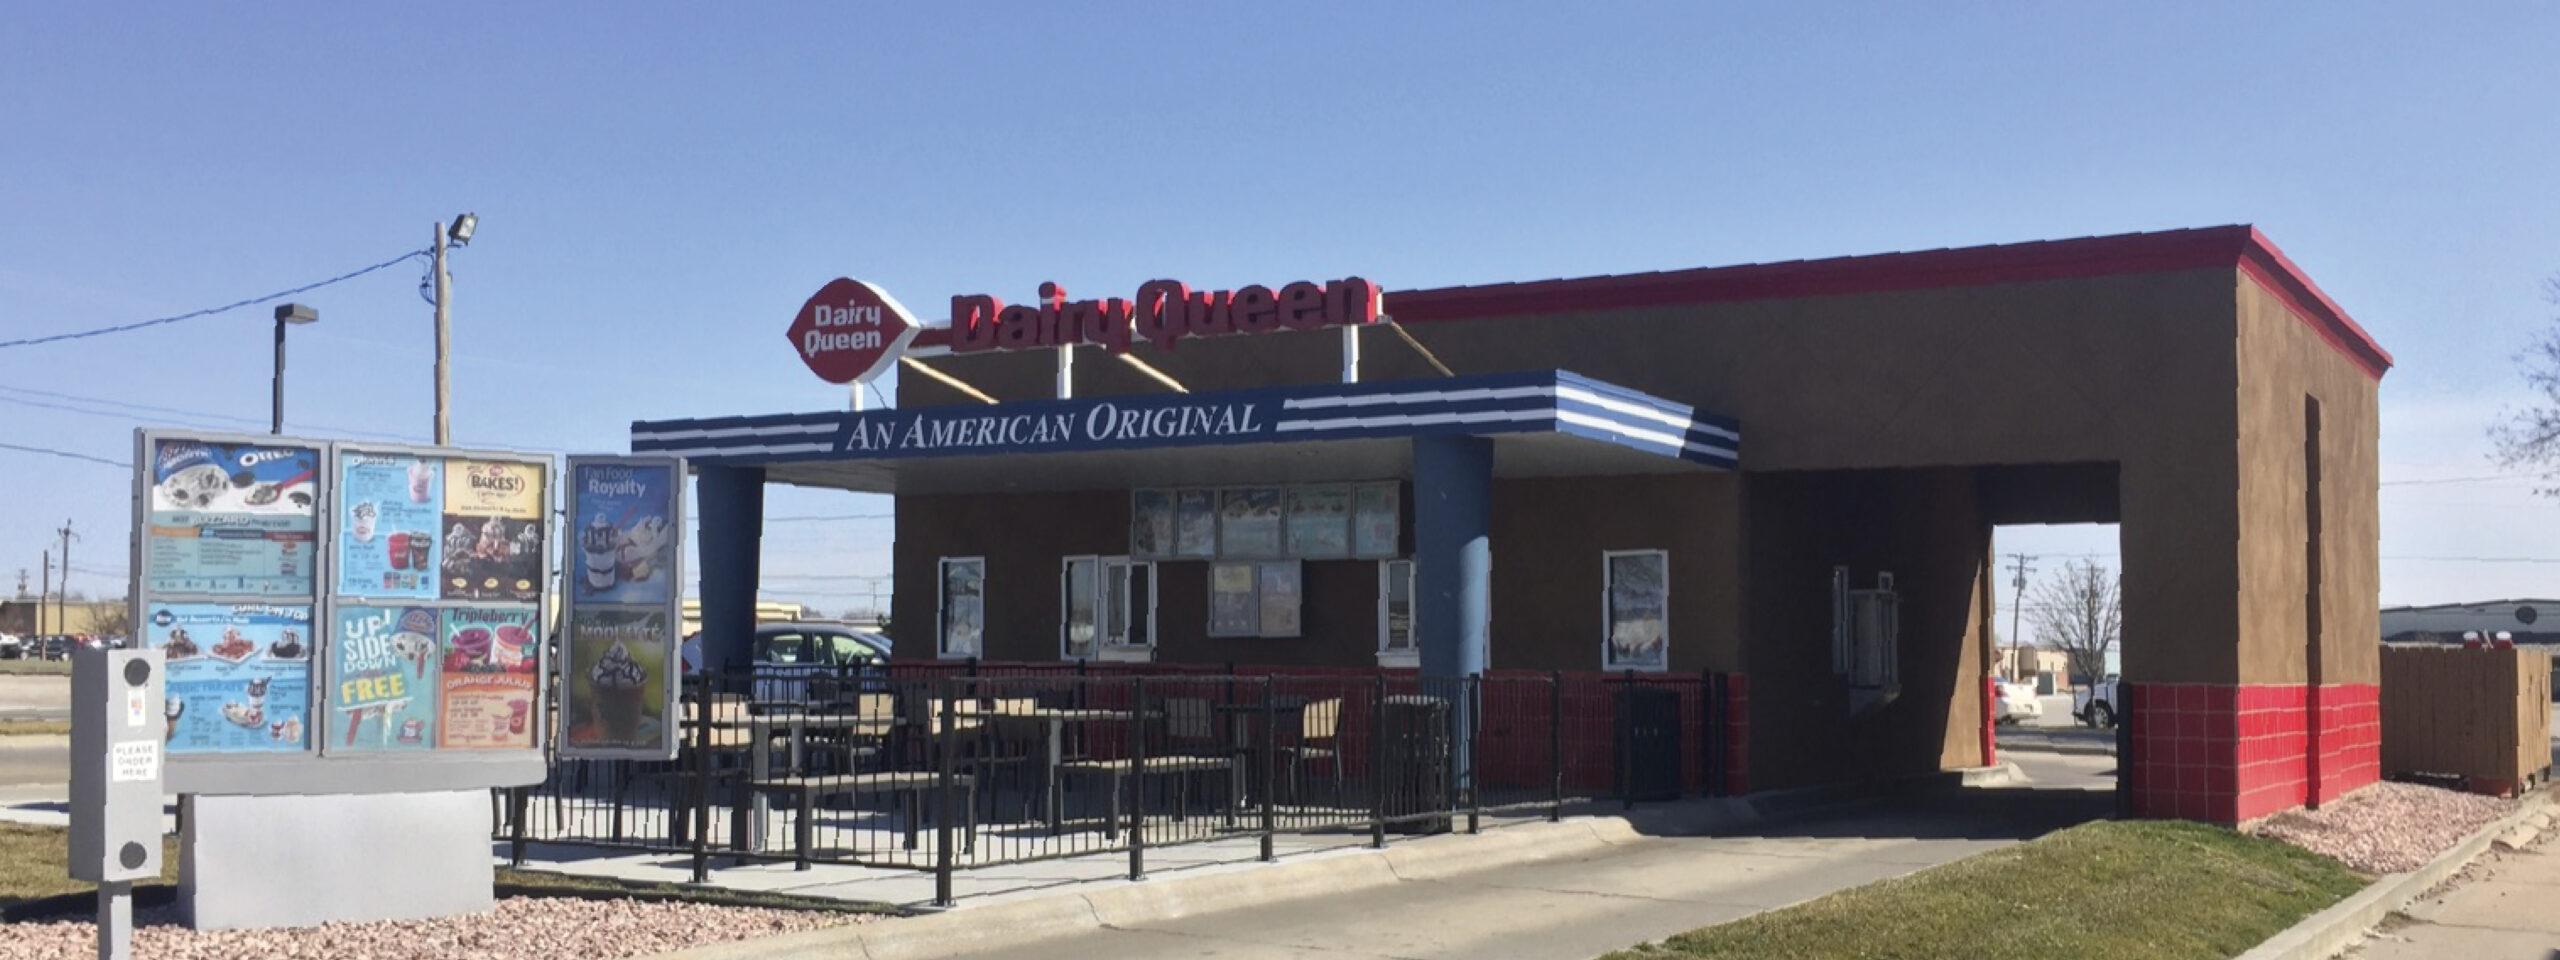 Kearney, NE Fourteen Foods DQ Restaurant